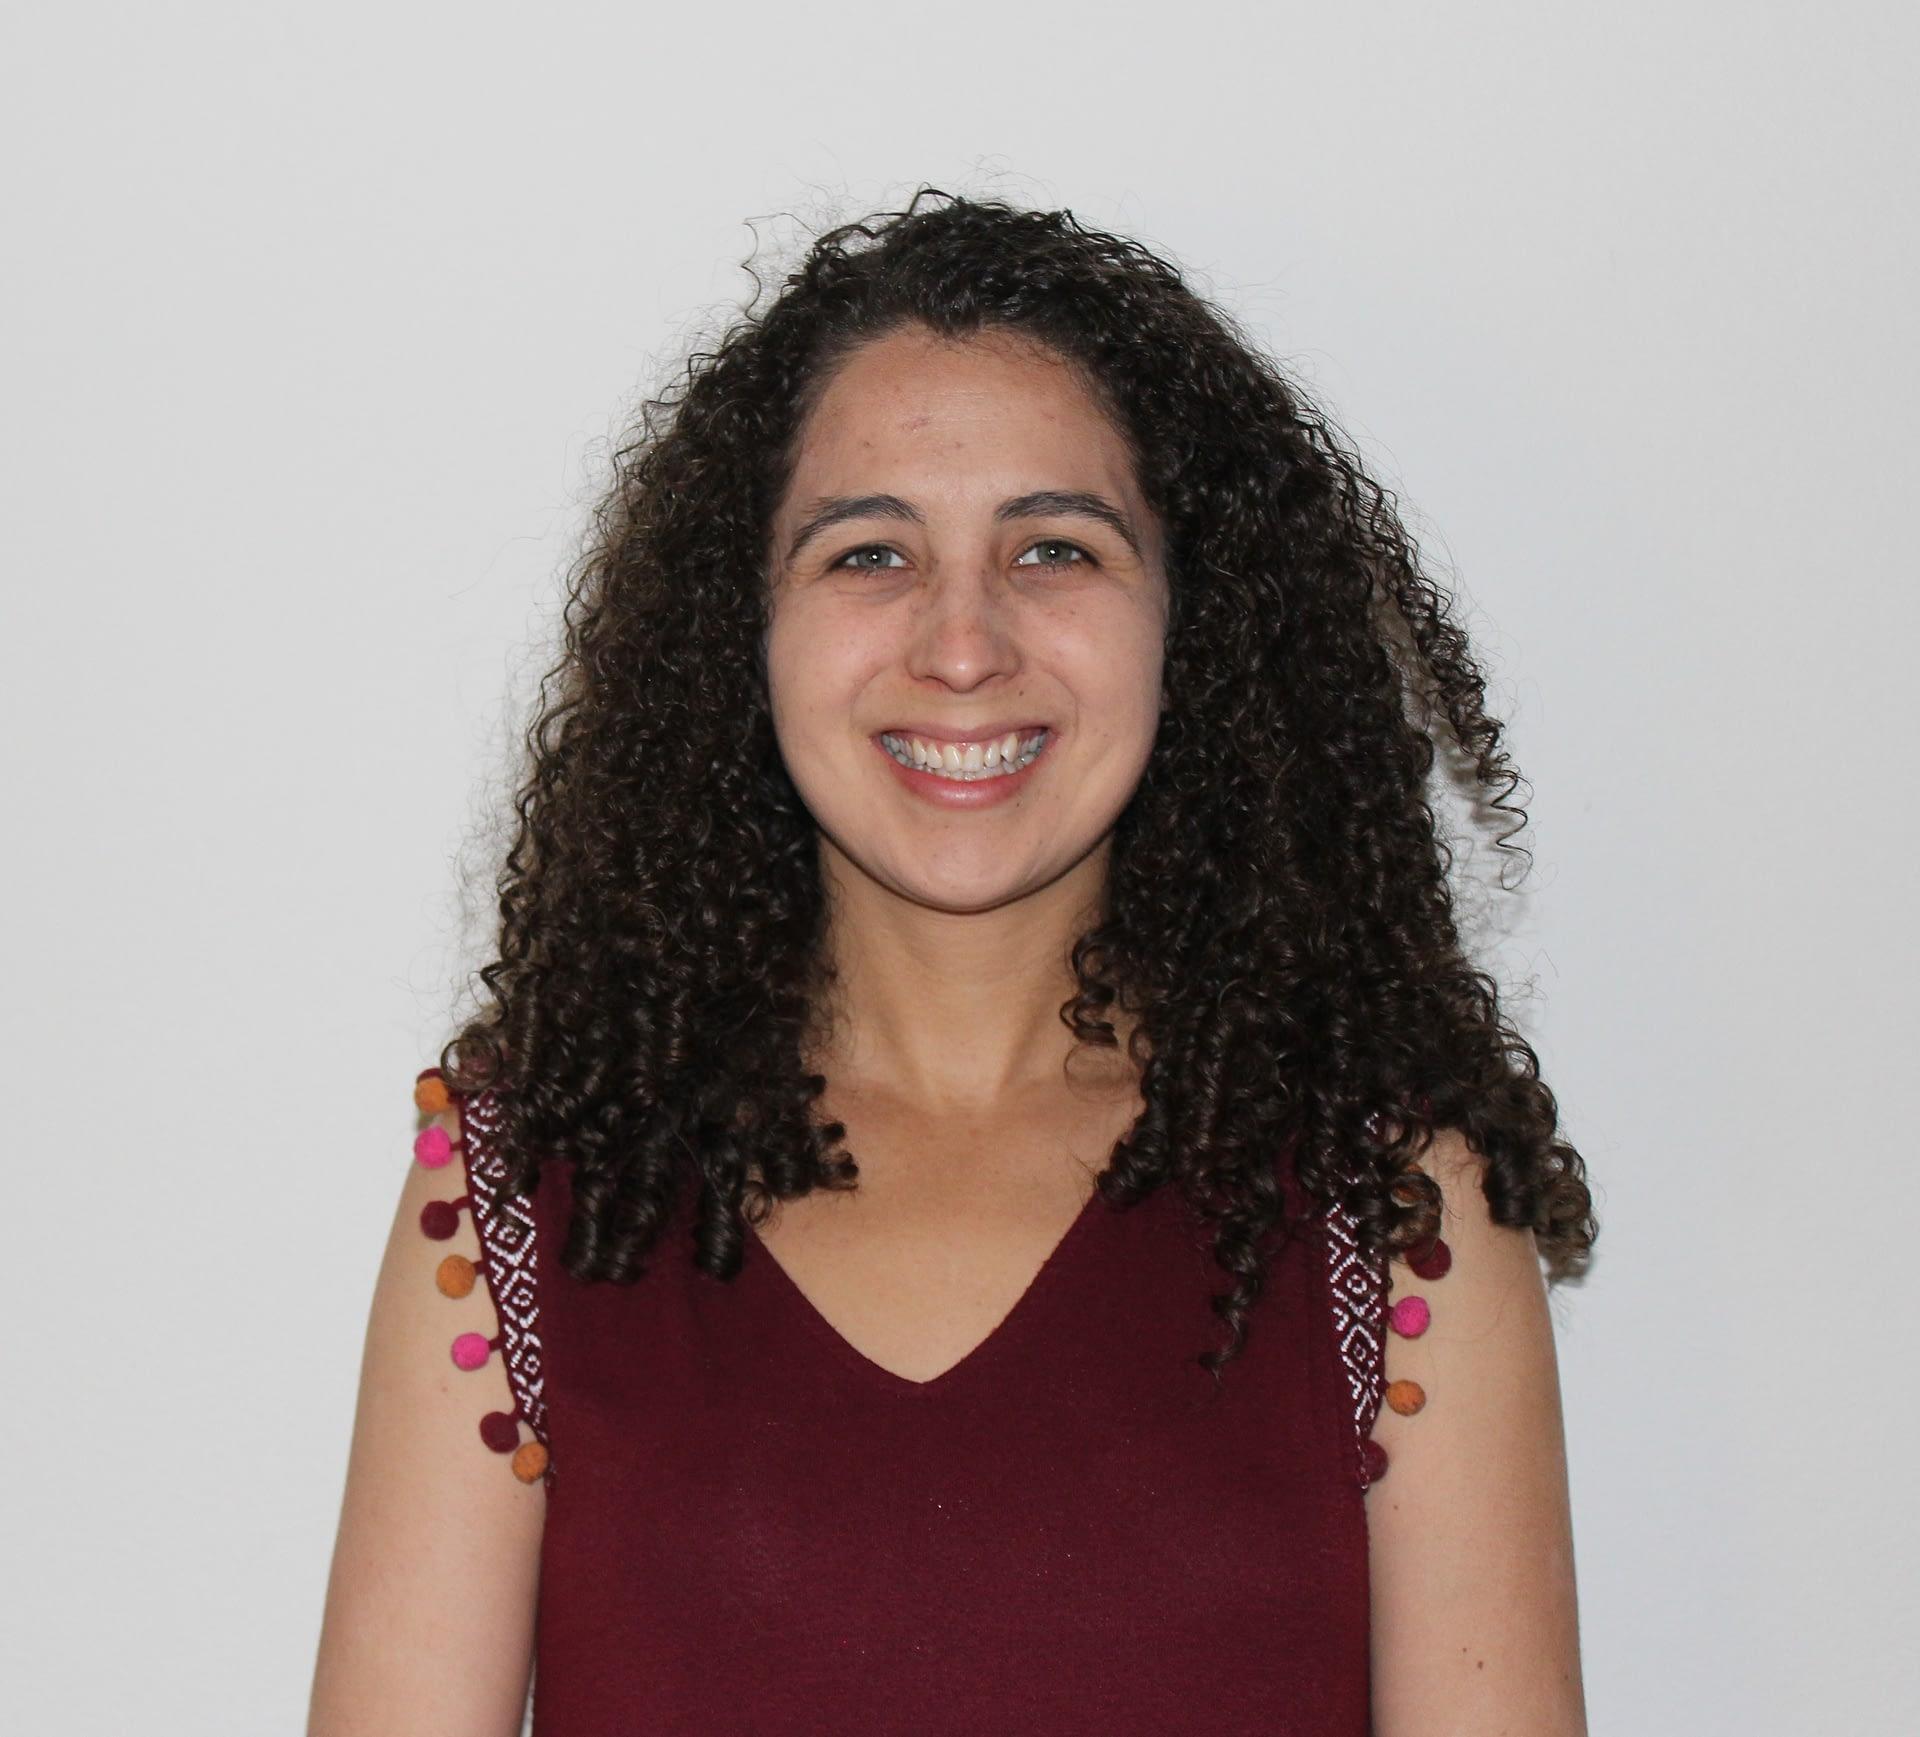 Karen Vejar